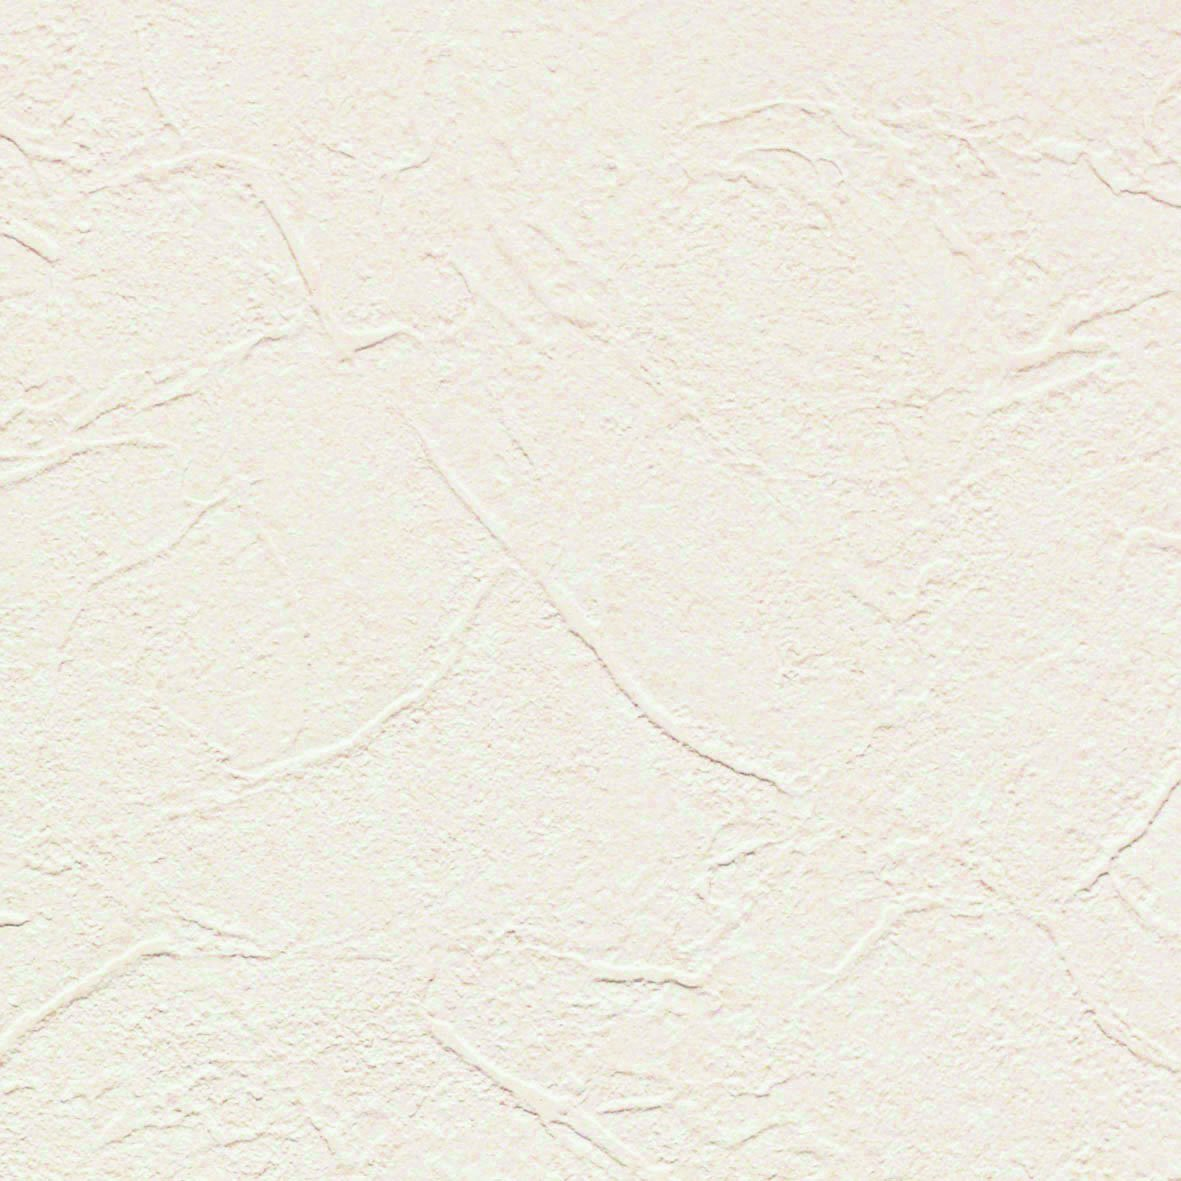 リリカラ 壁紙44m シンフル 石目調 ベージュ LL-8201 B01N3P2R4I 44m|ベージュ1